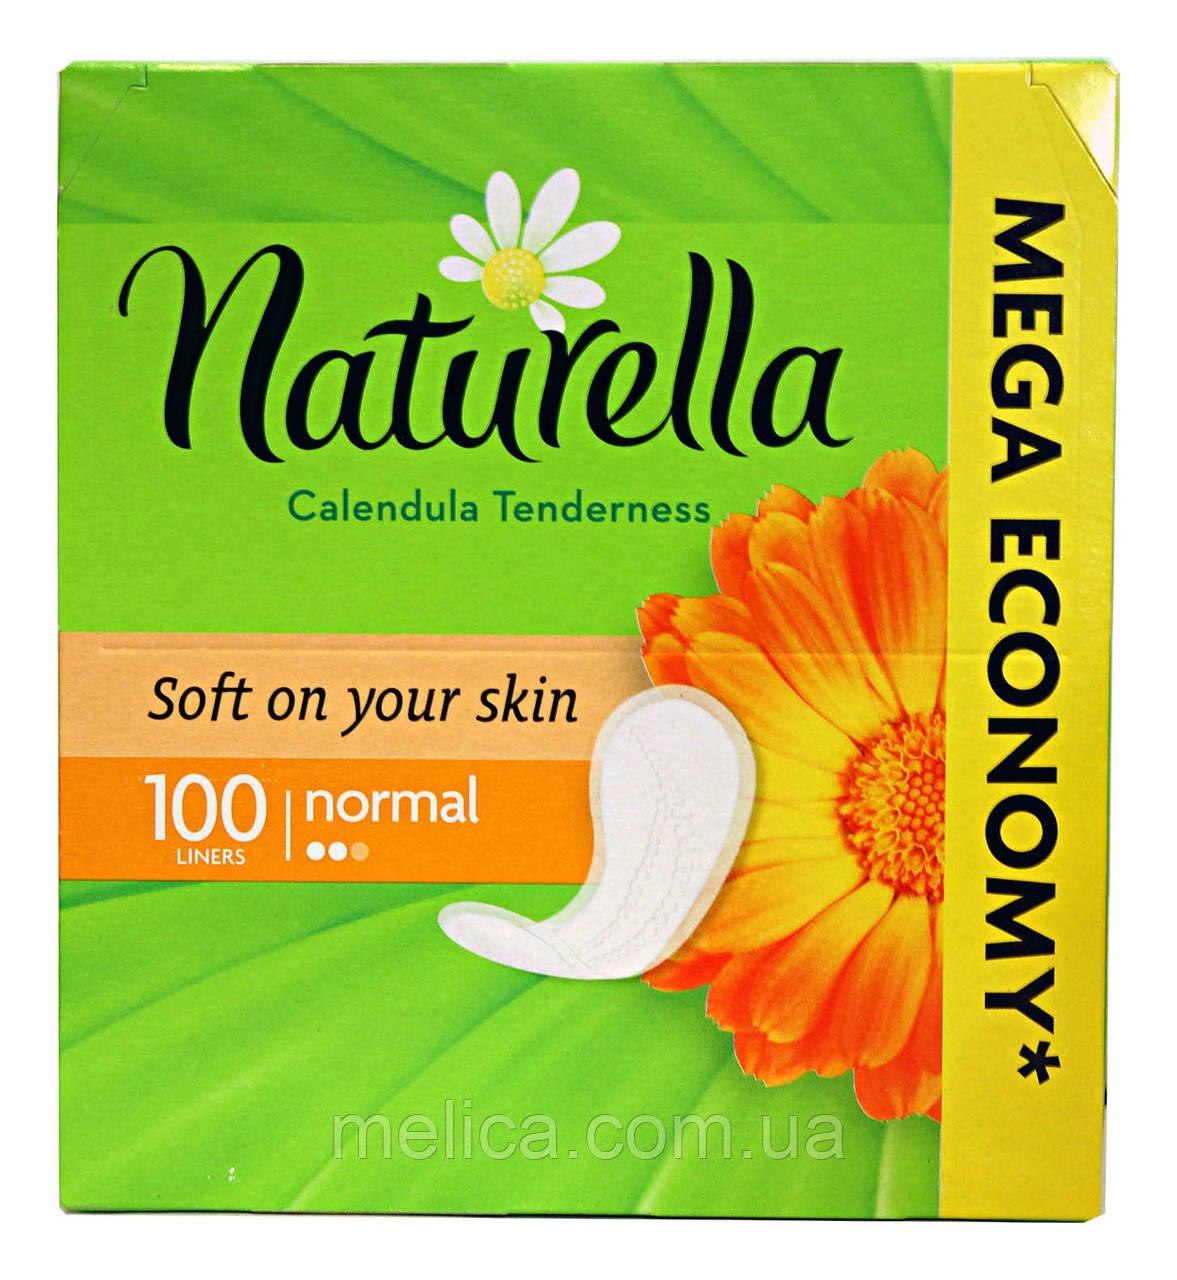 Ежедневные прокладки Naturella Calendula Tenderness Normal - 100 шт.